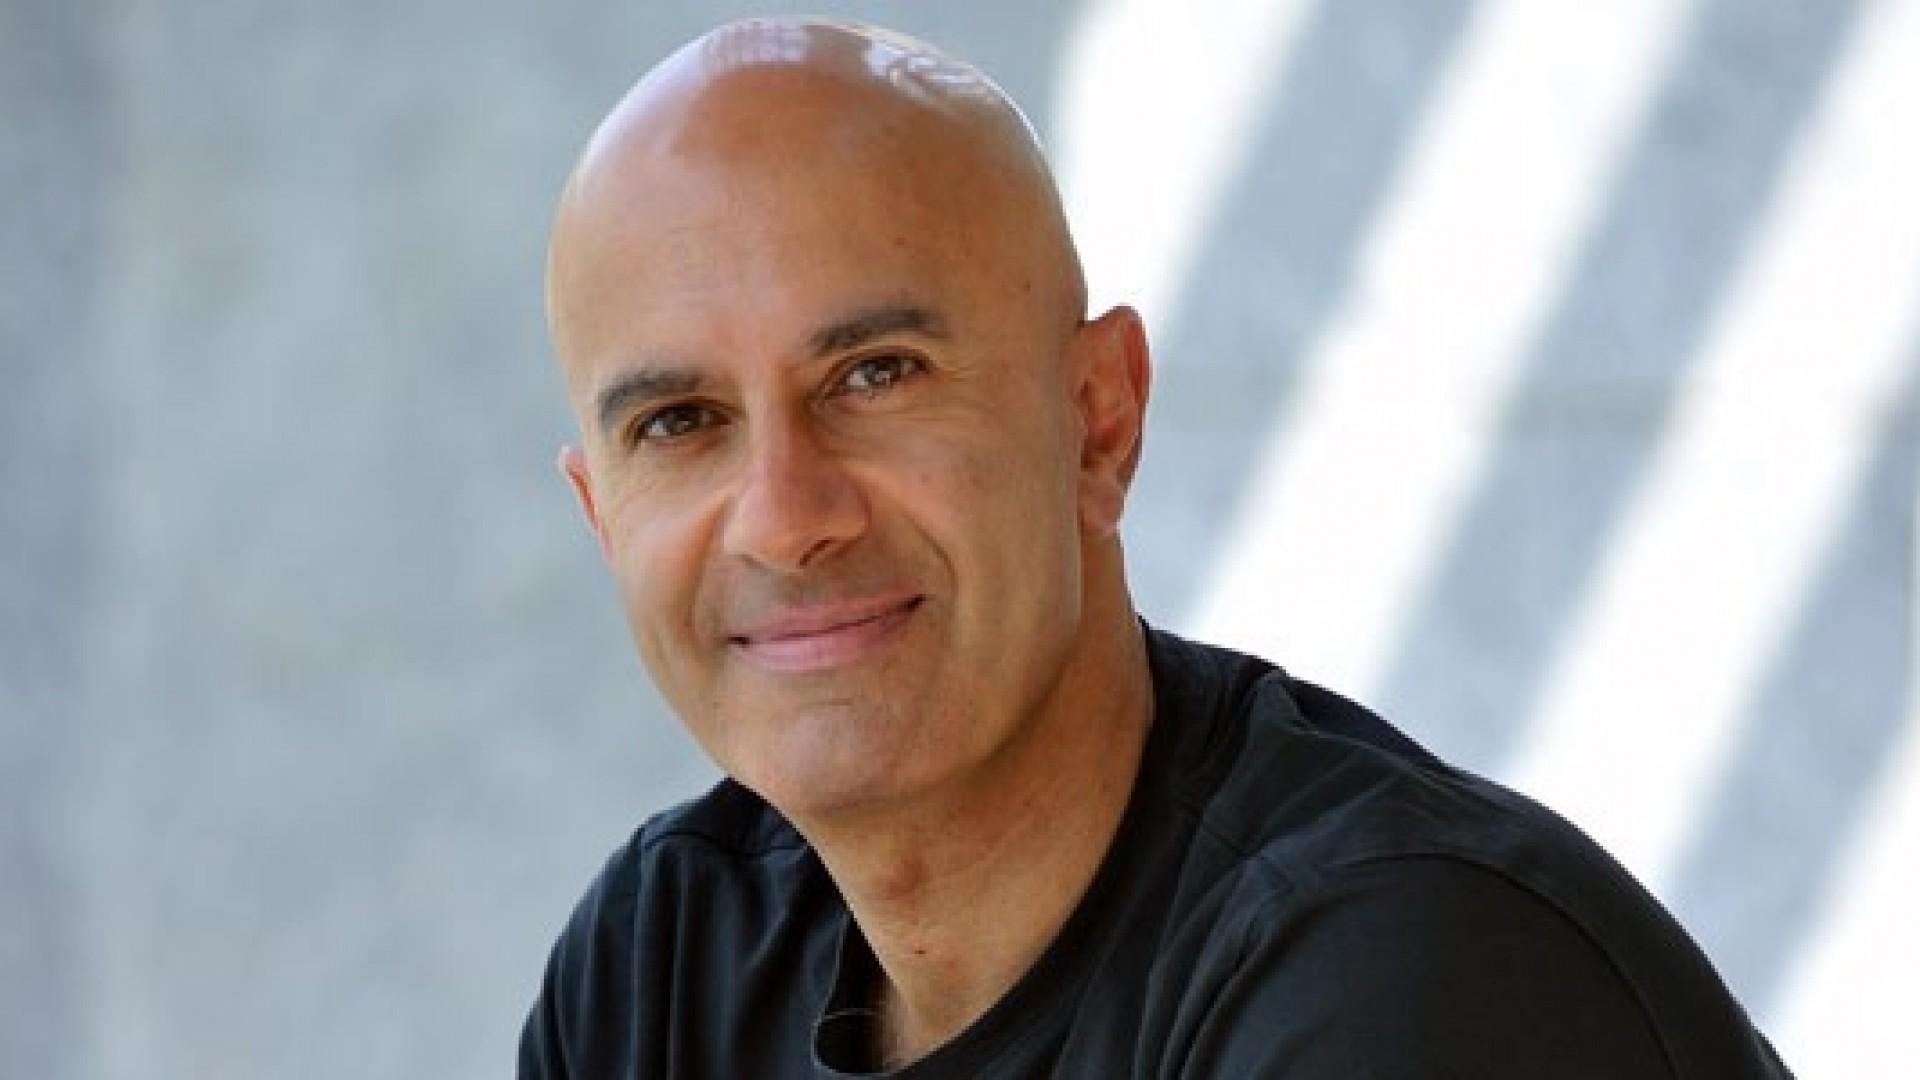 Писатель Робин Шарма: «Цель жизни — жить с целью!» 20 лучших цитат